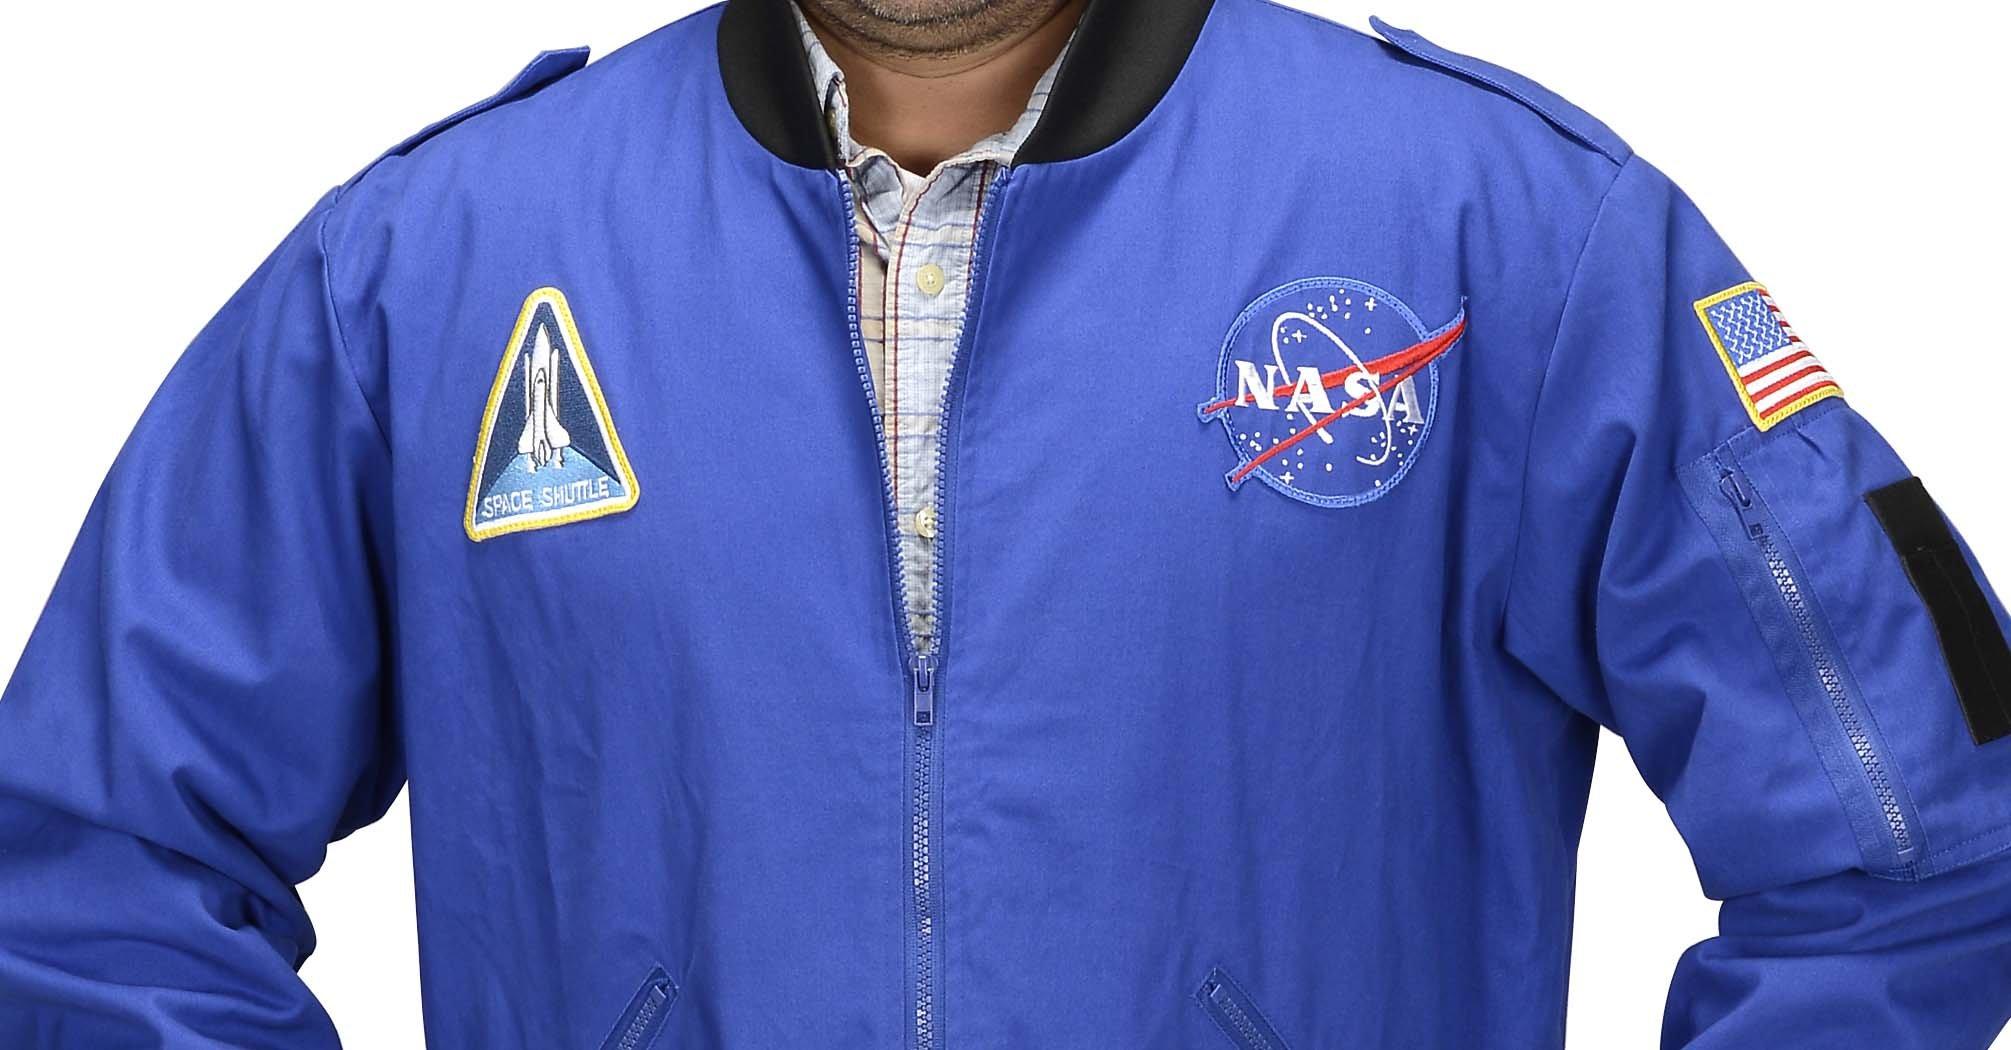 nasa apollo jacket replica - photo #25